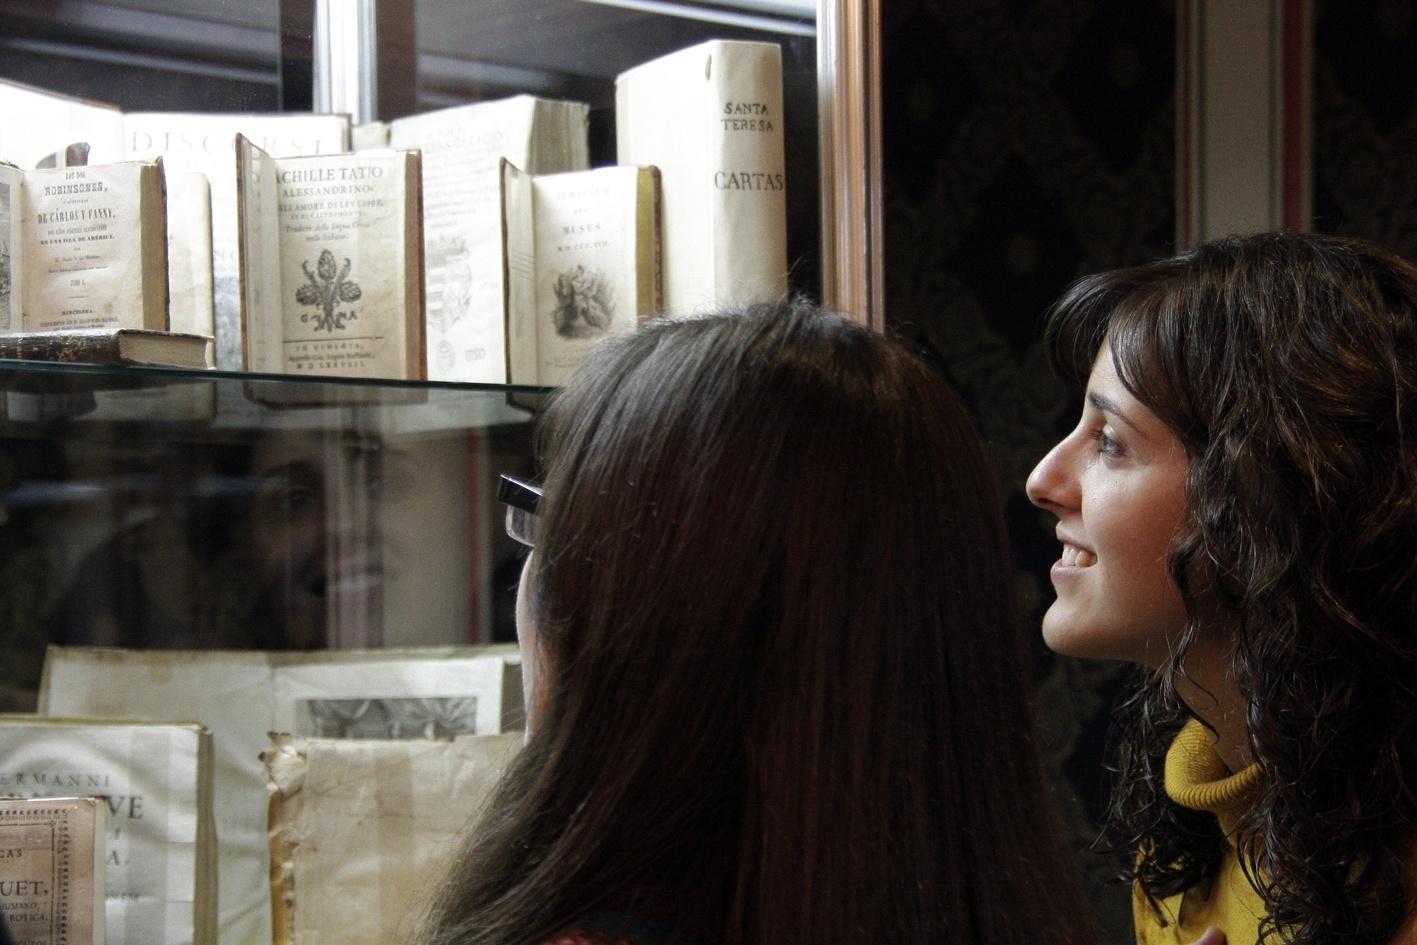 El Gremio Madrileño de Libreros de Viejo organiza la XV edición del Salón del Libro Antiguo de Madrid